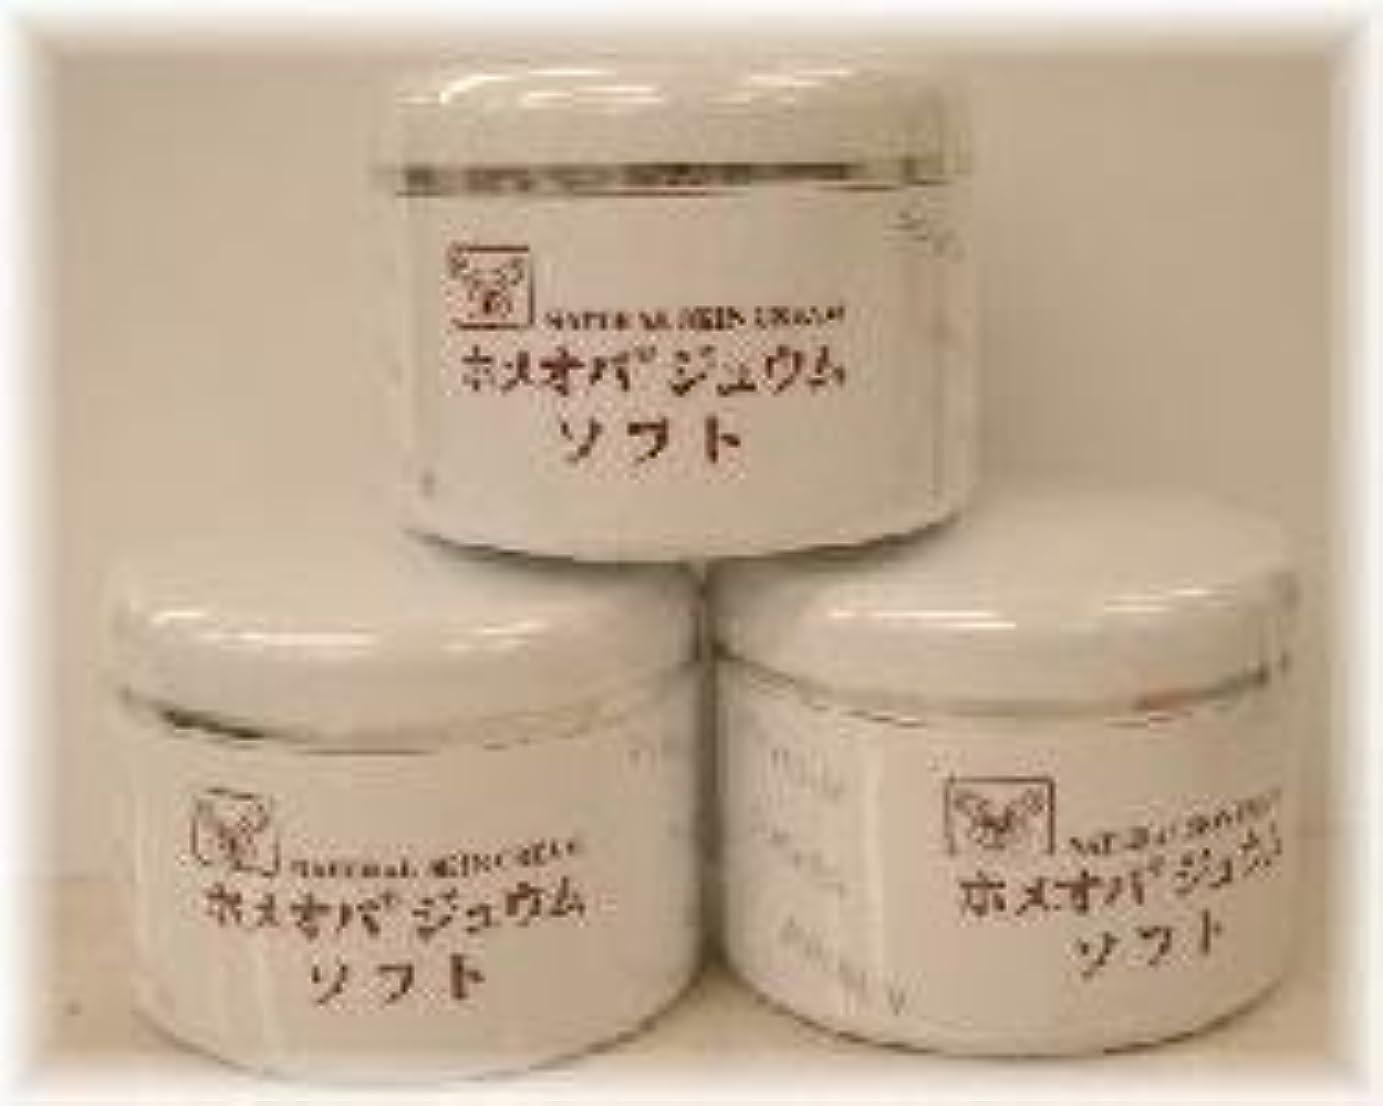 それるフラグラント映画ホメオパジュウム スキンケア商品3点¥10500クリームソフトx3個